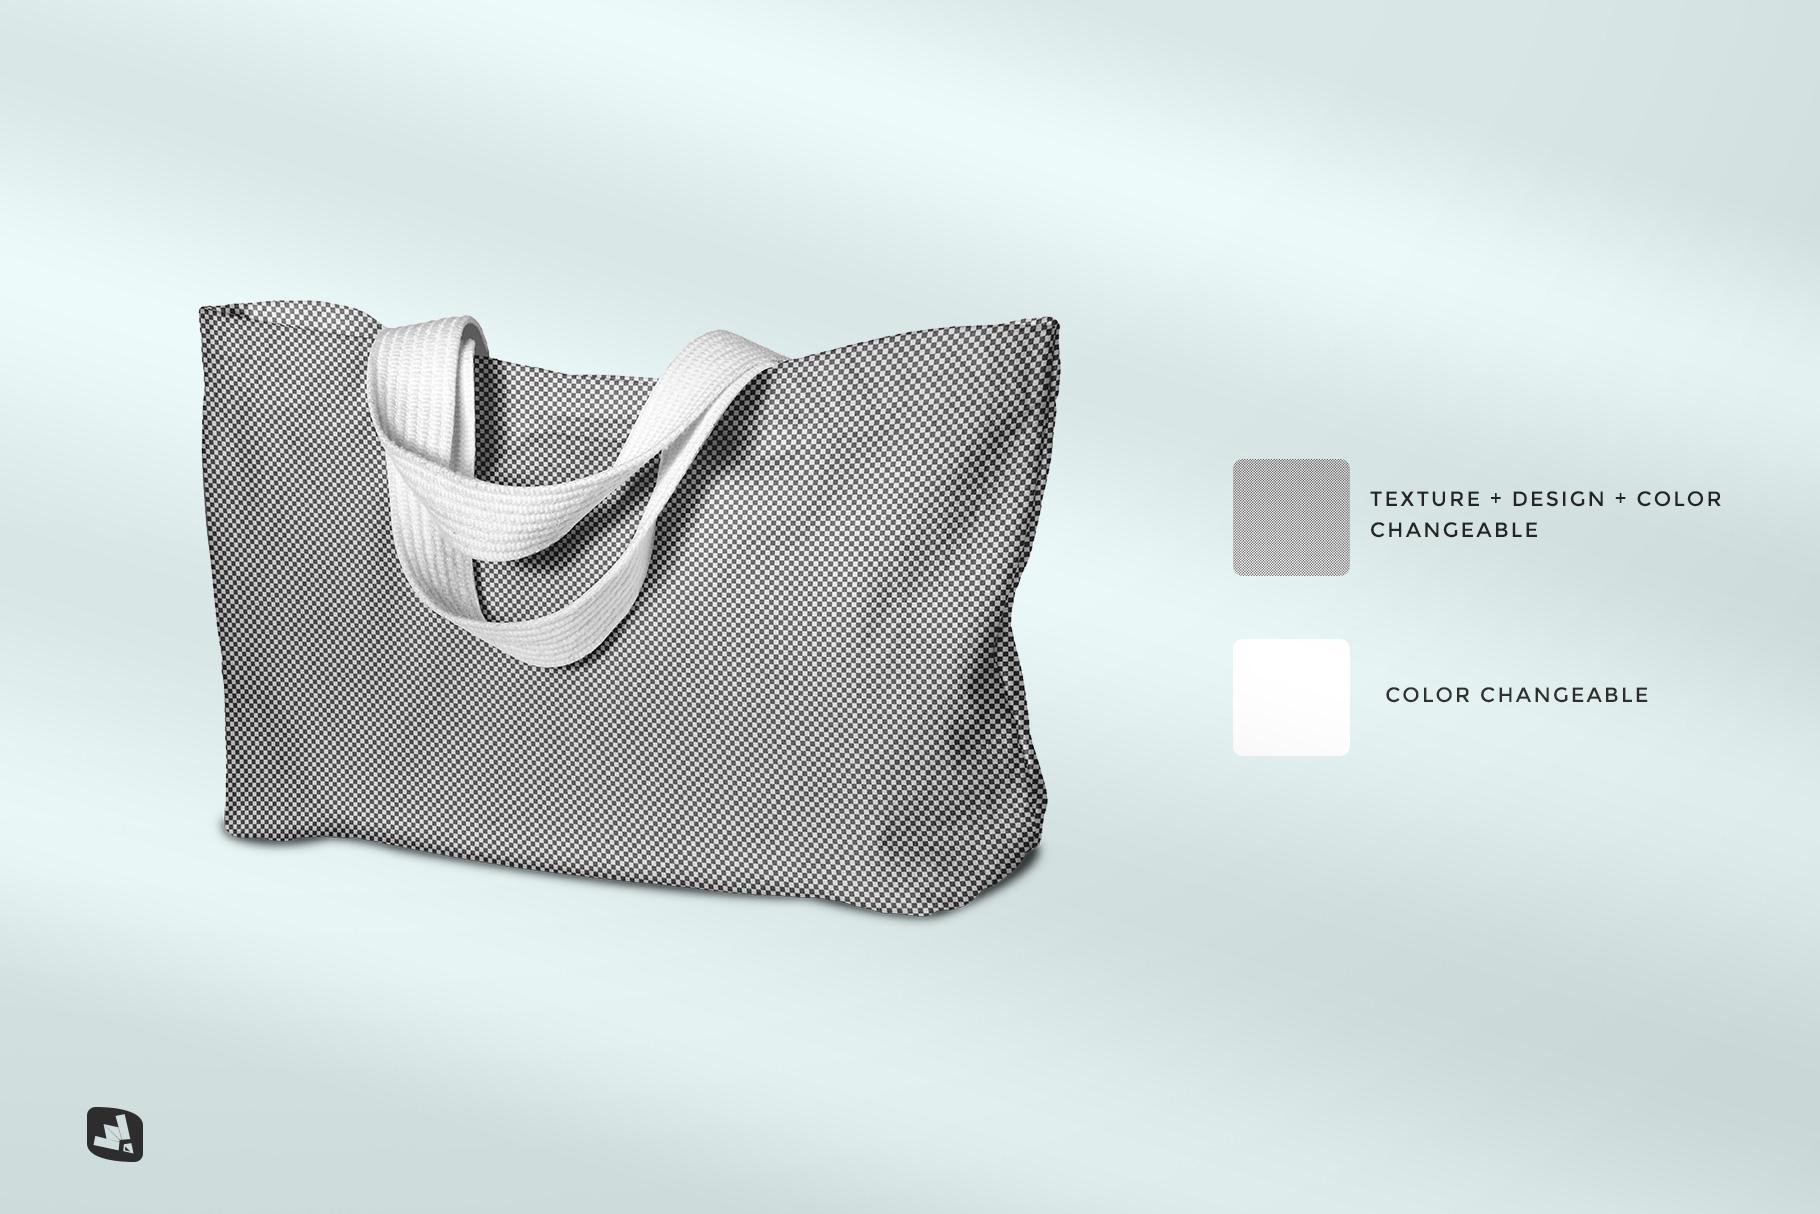 editability of the reusable cotton cloth bag mockup